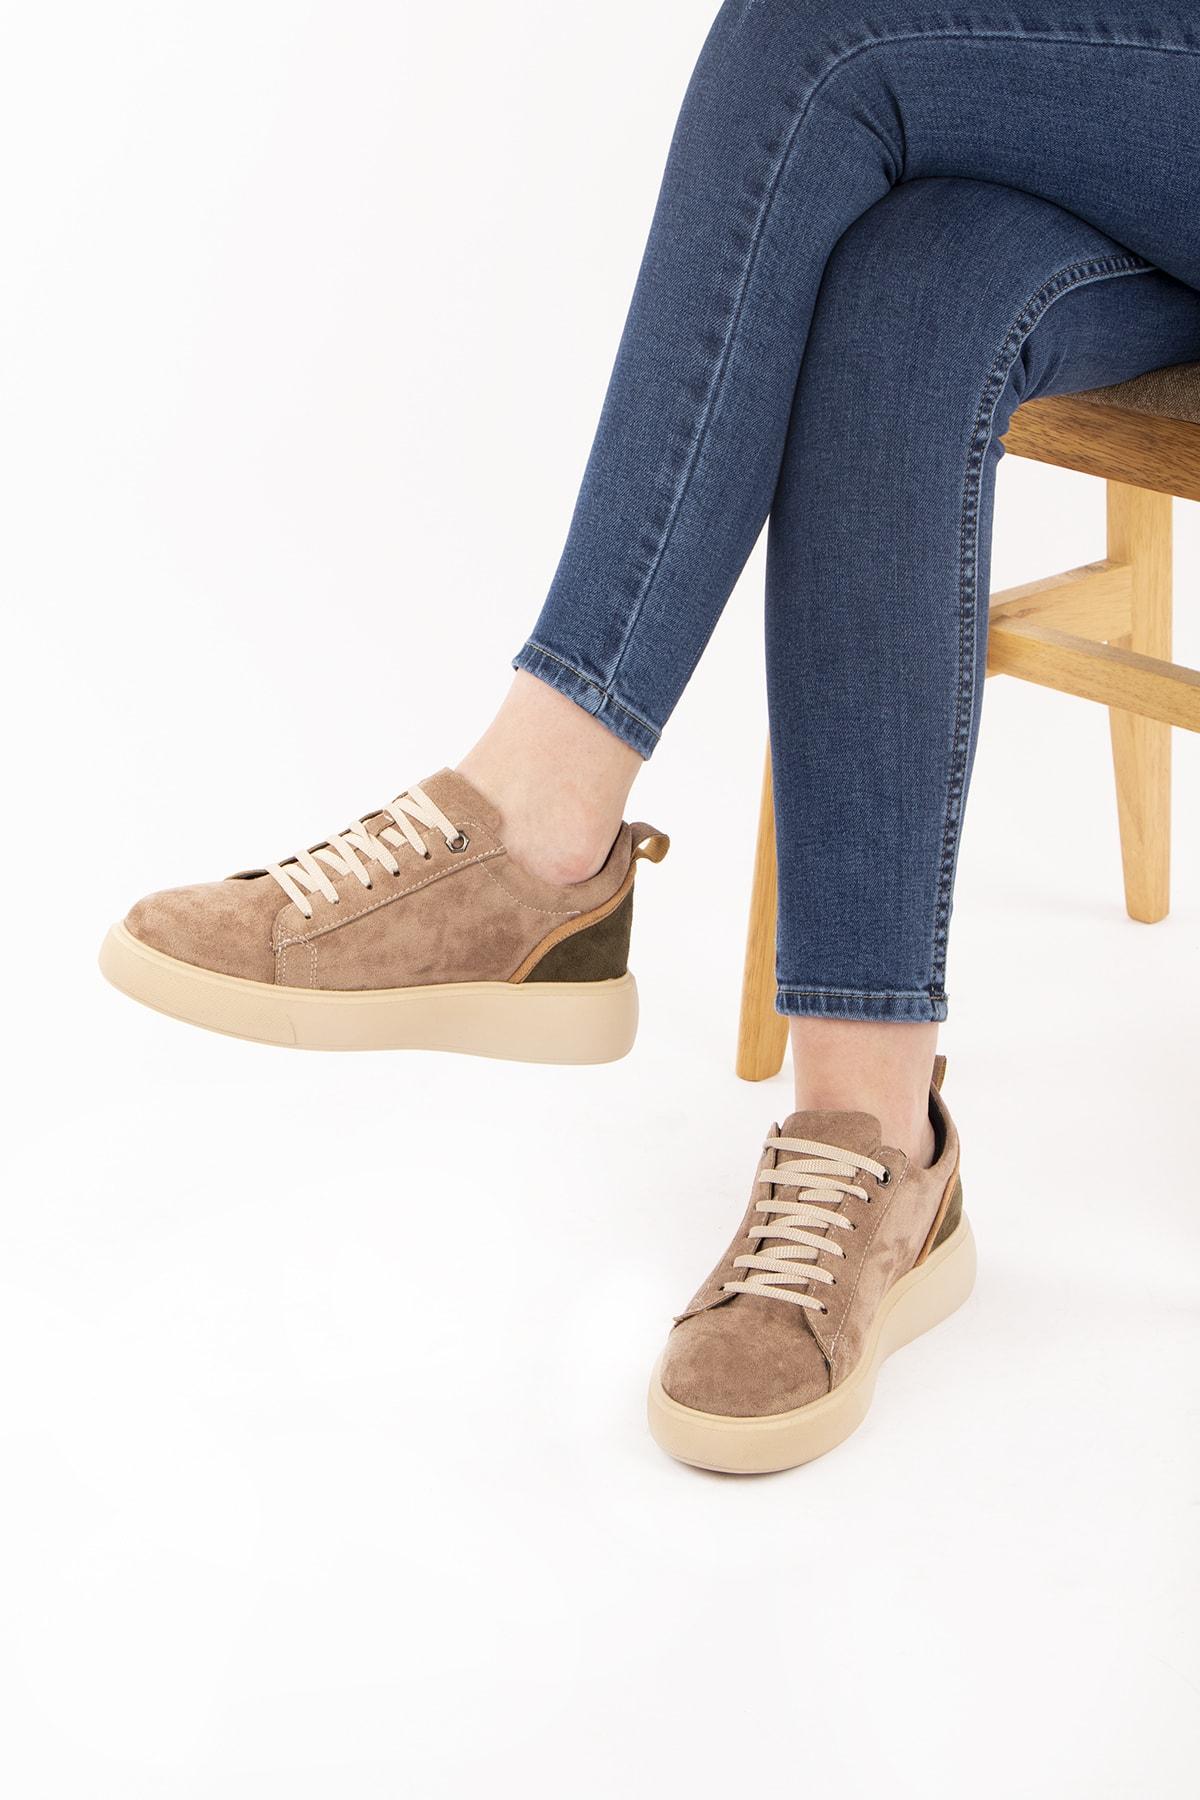 Caddemoda Kadın Vizon Süet Ayakkabı 1